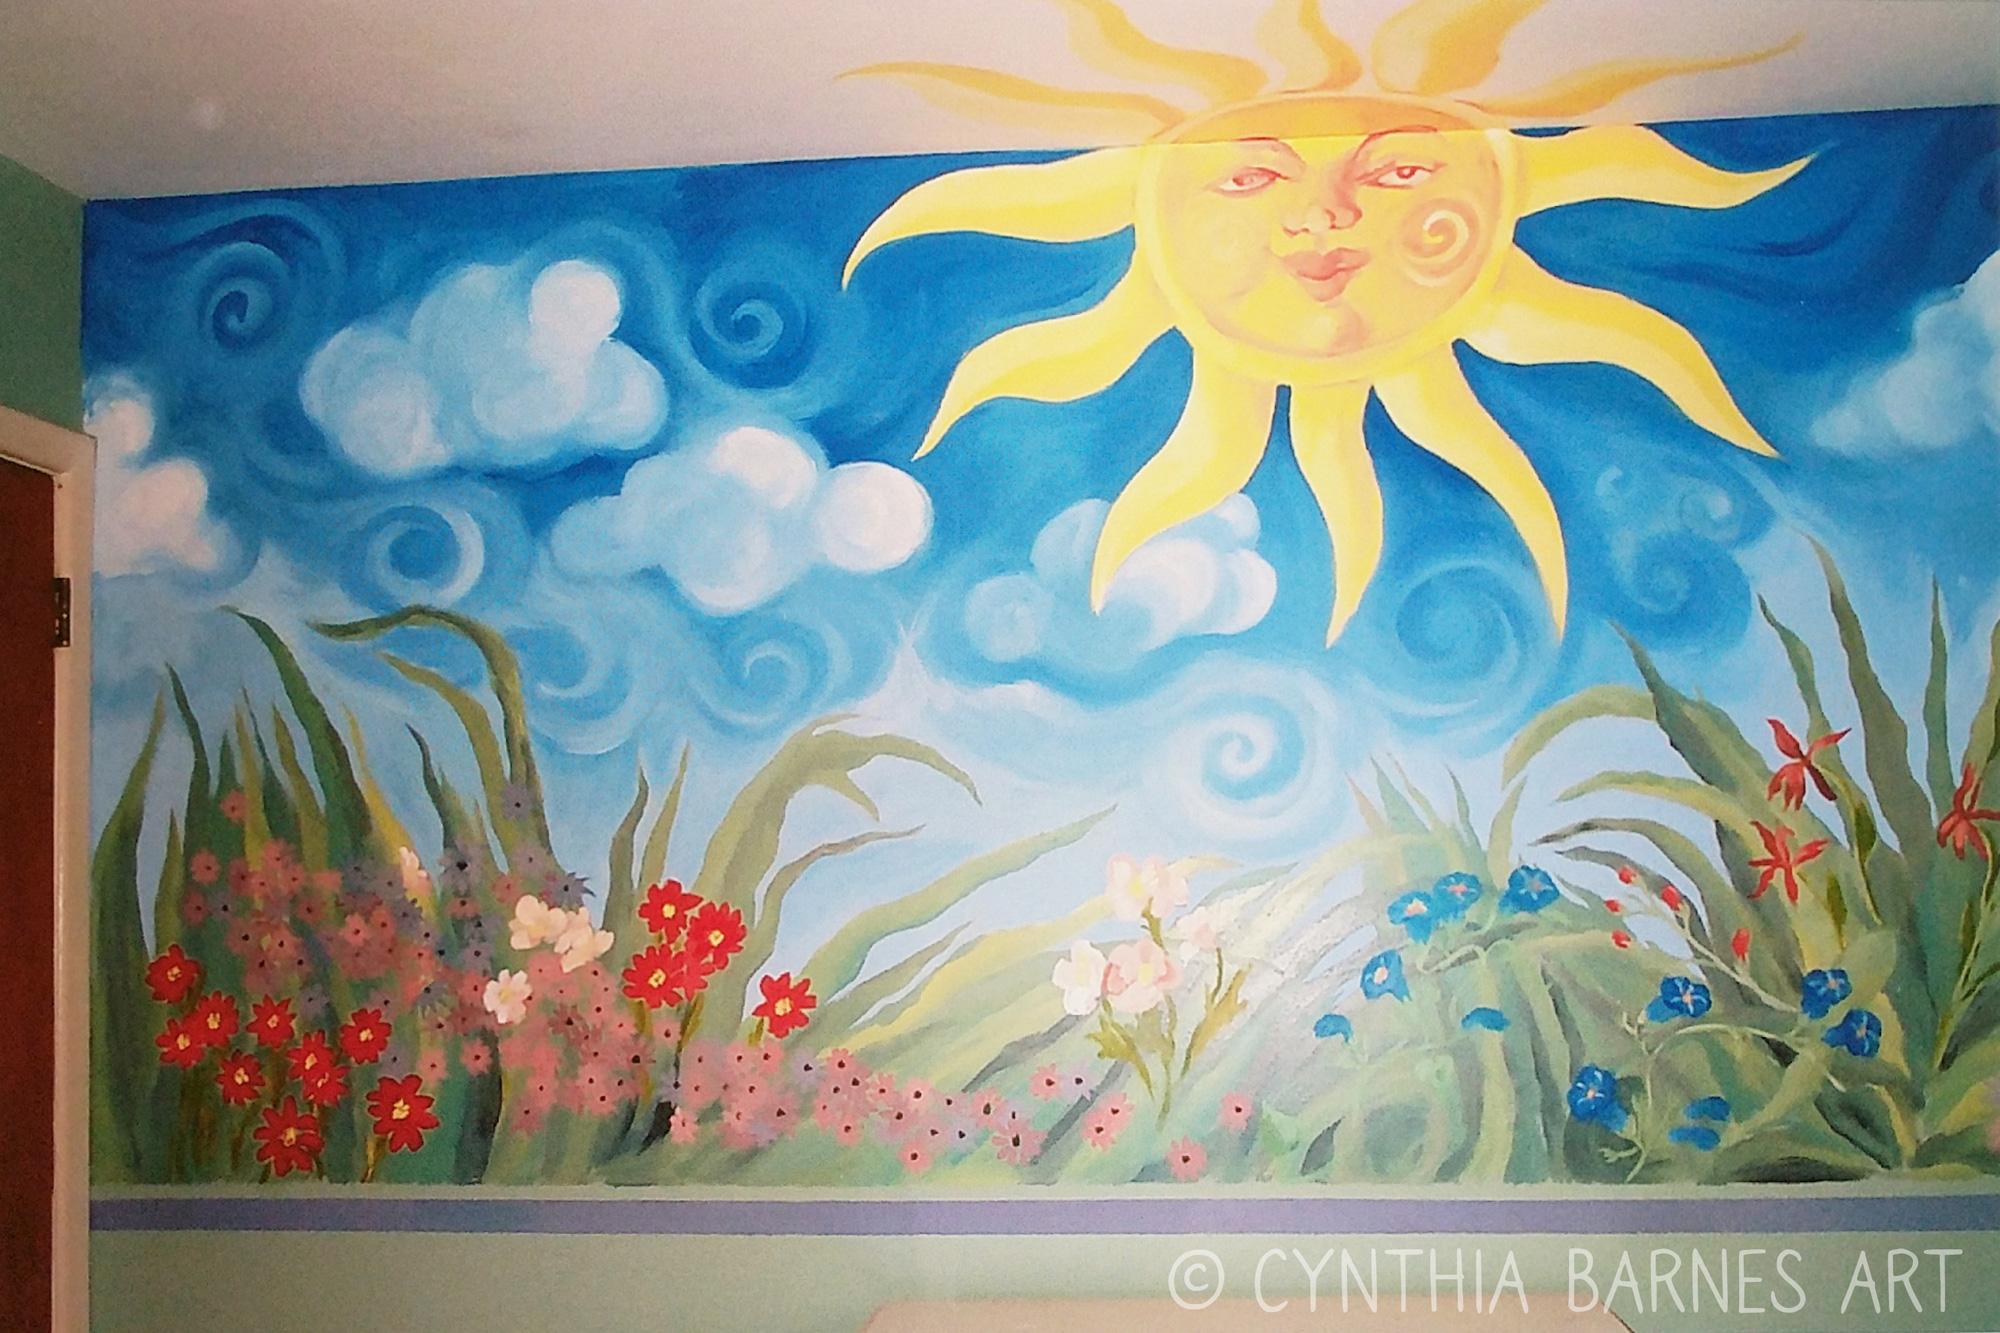 sunflower_mural2.jpg